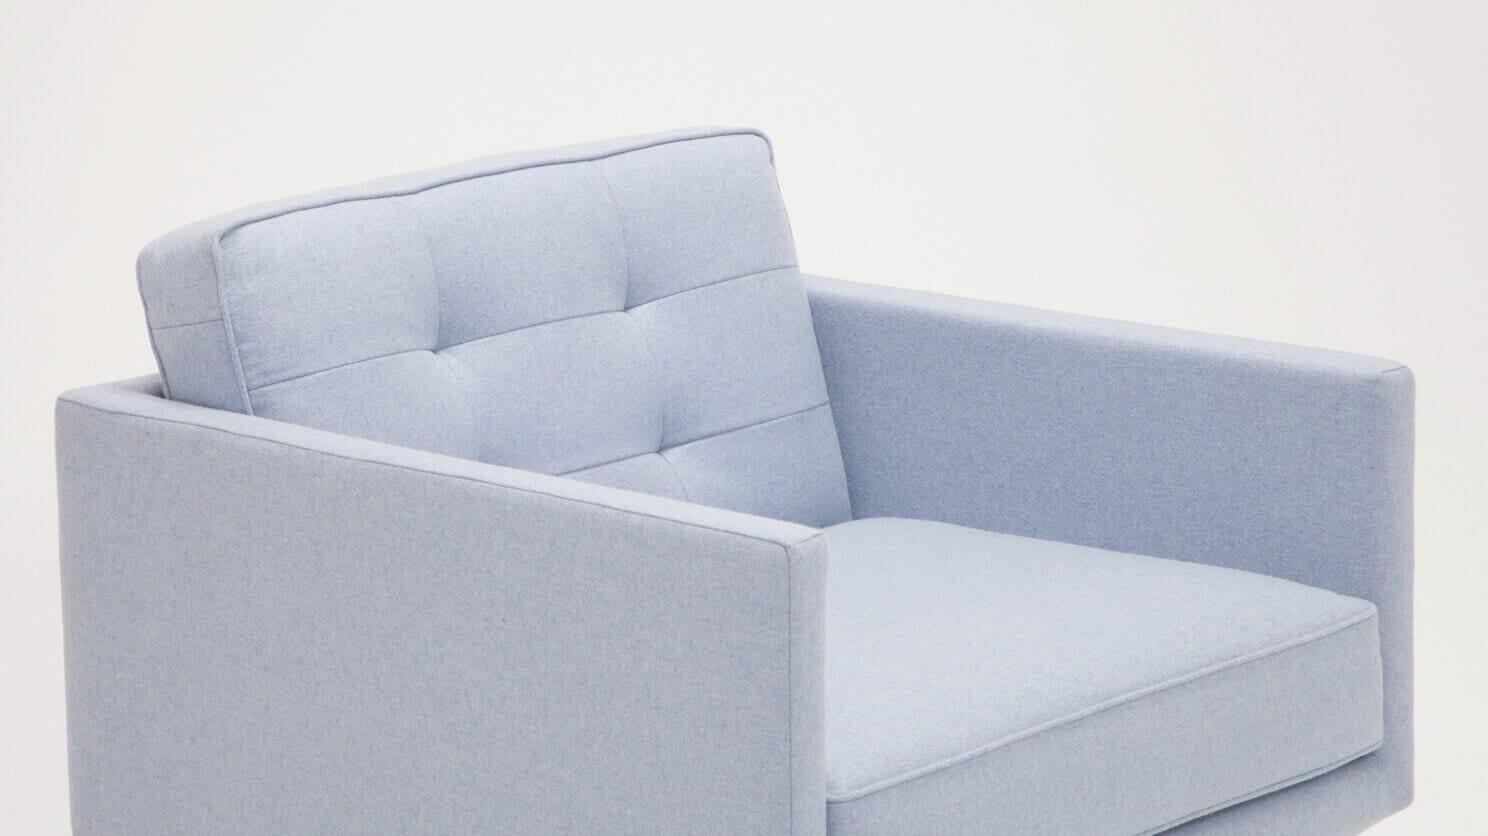 30155 95 par bp 3 chairs plateau club chair foam lana light blue detail 01